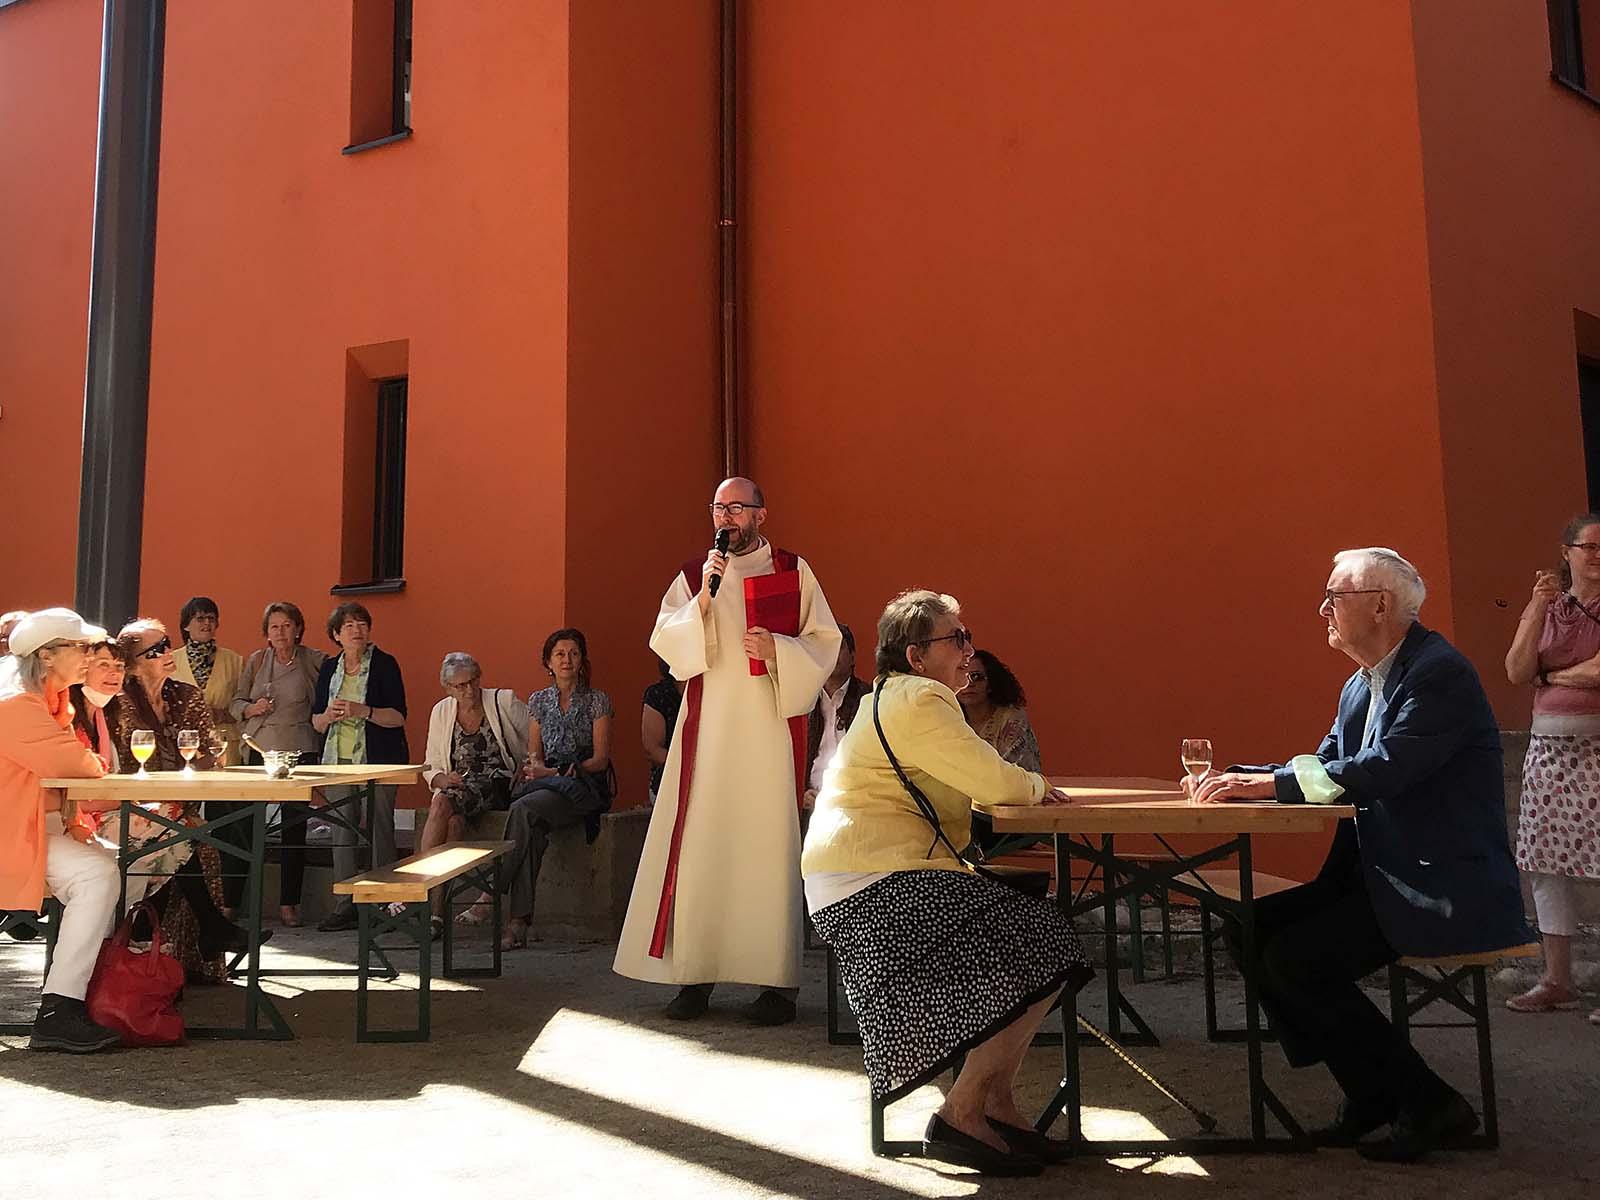 Pfarrer Marcel von Holzen weiht die neue Glasüberdachung im Rahmen eines Apéros ein.